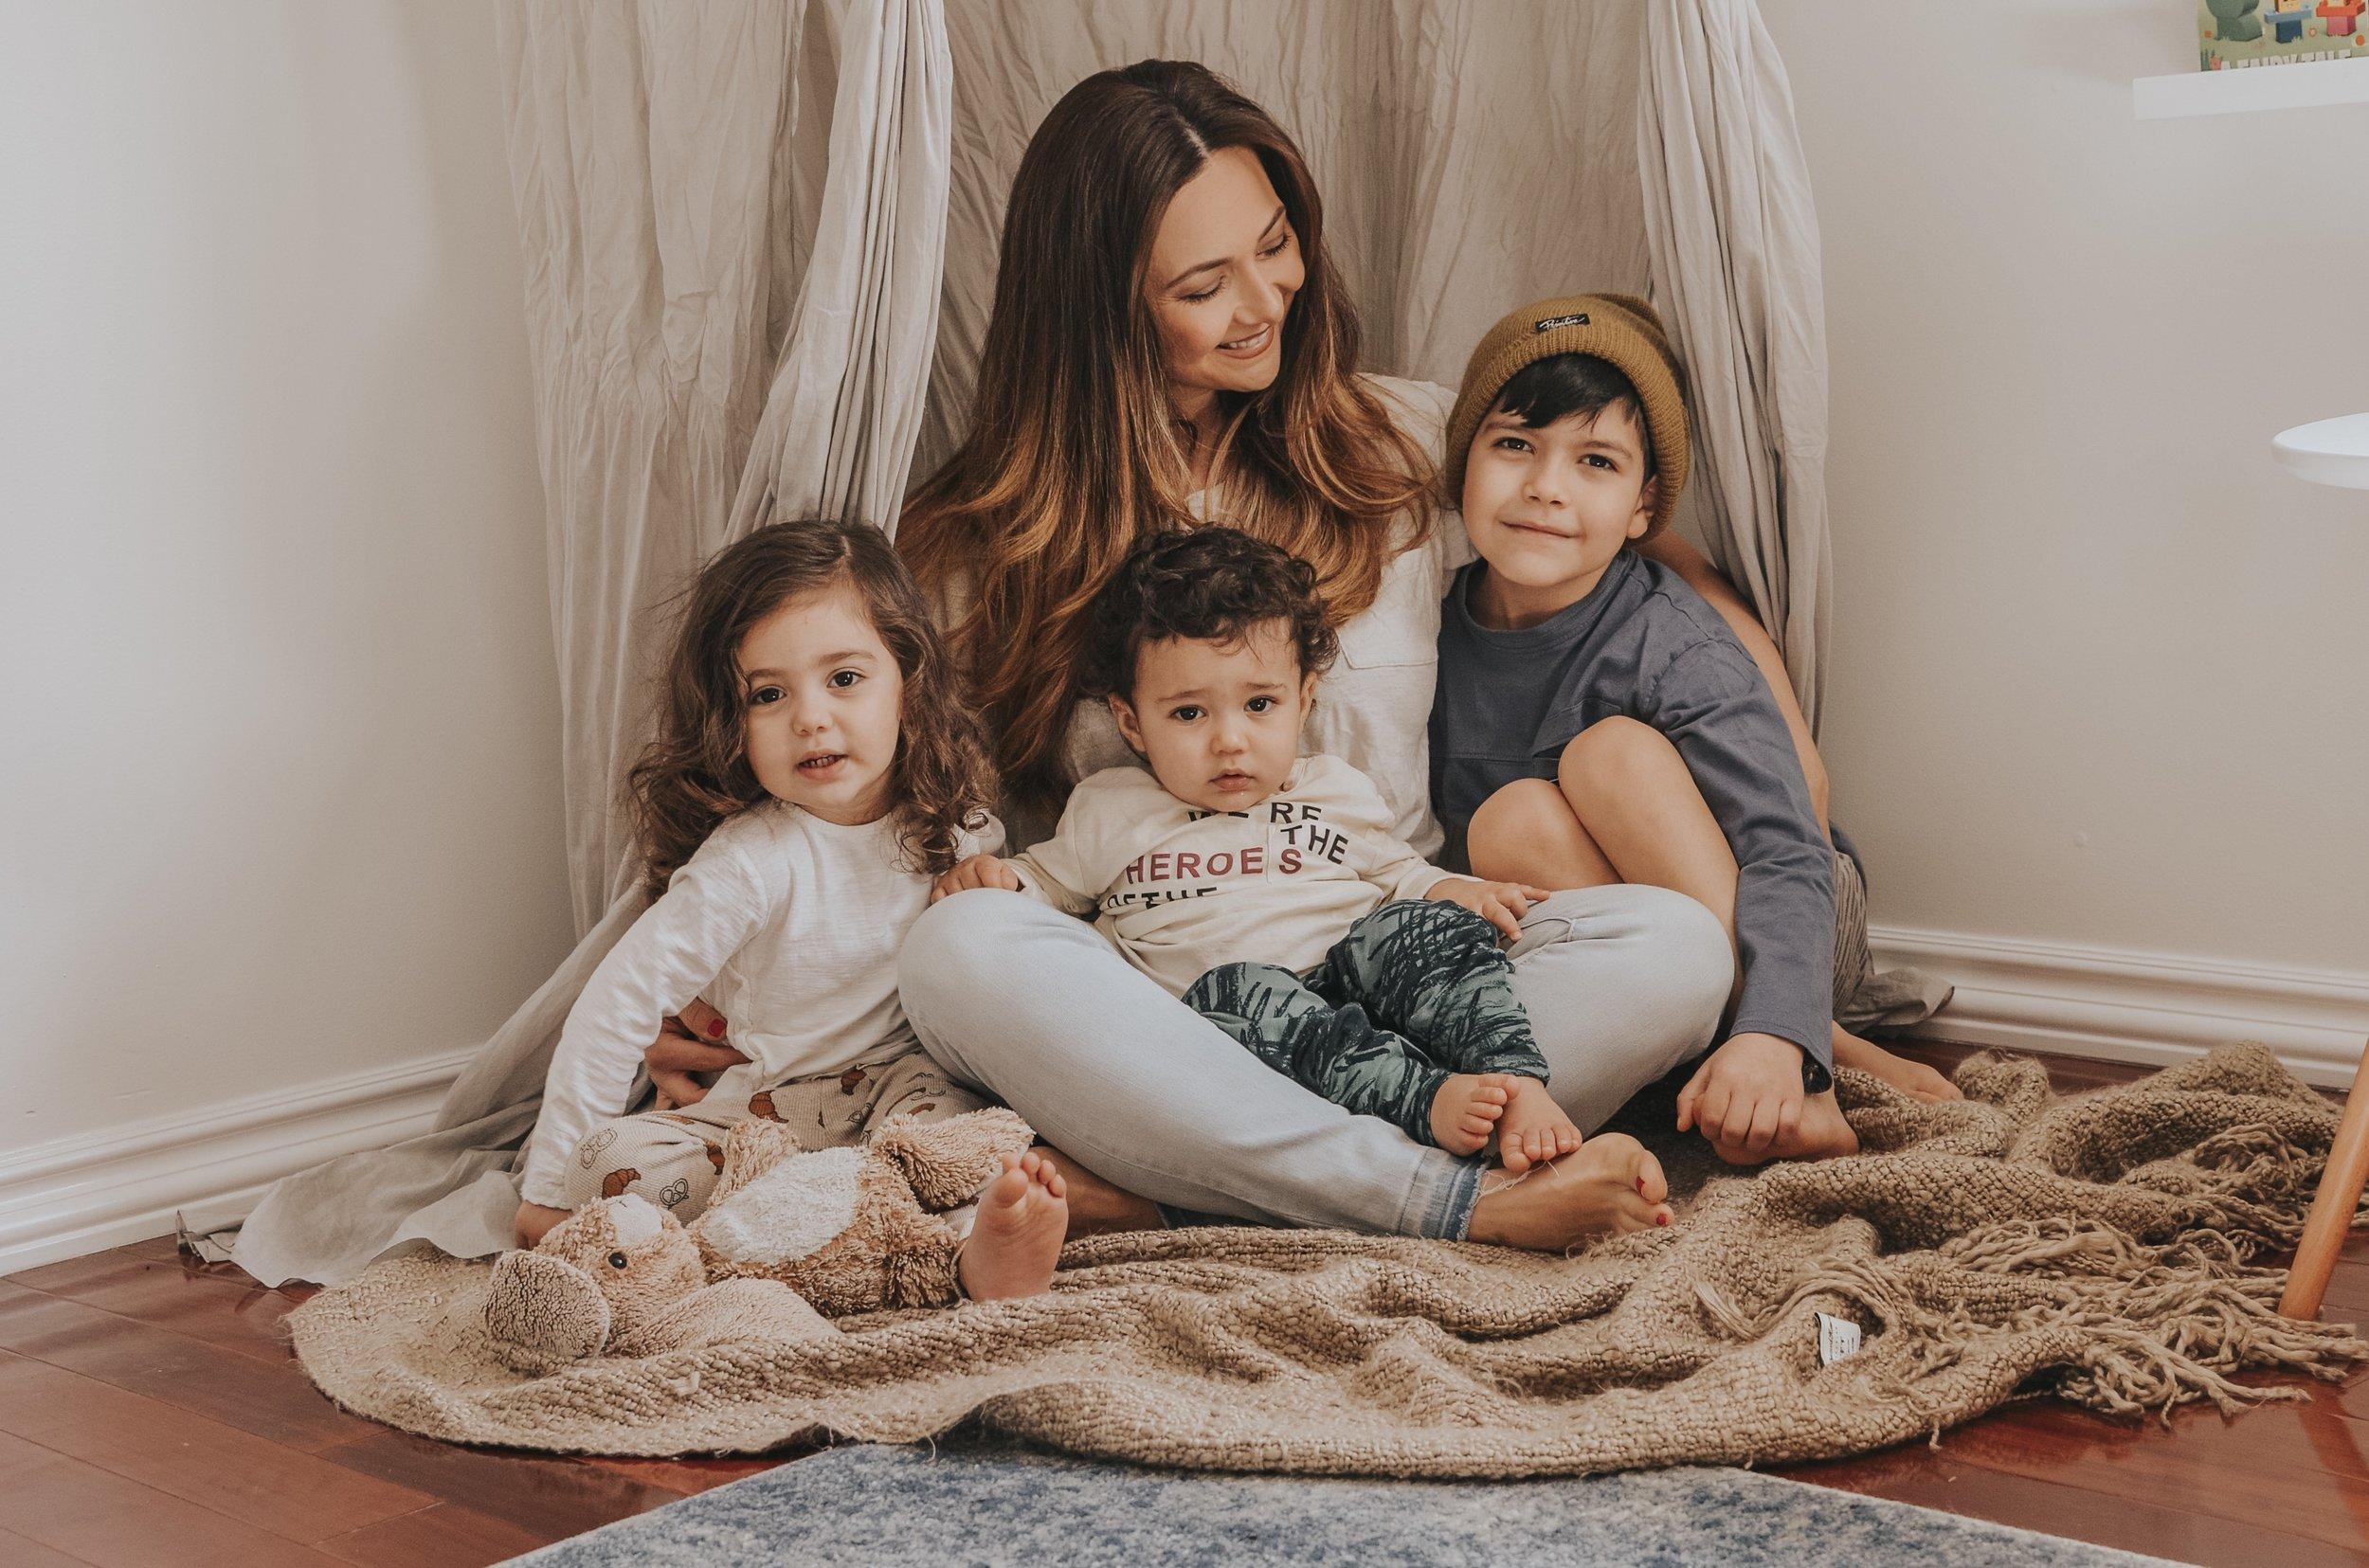 breastfeedingbabies.JPG